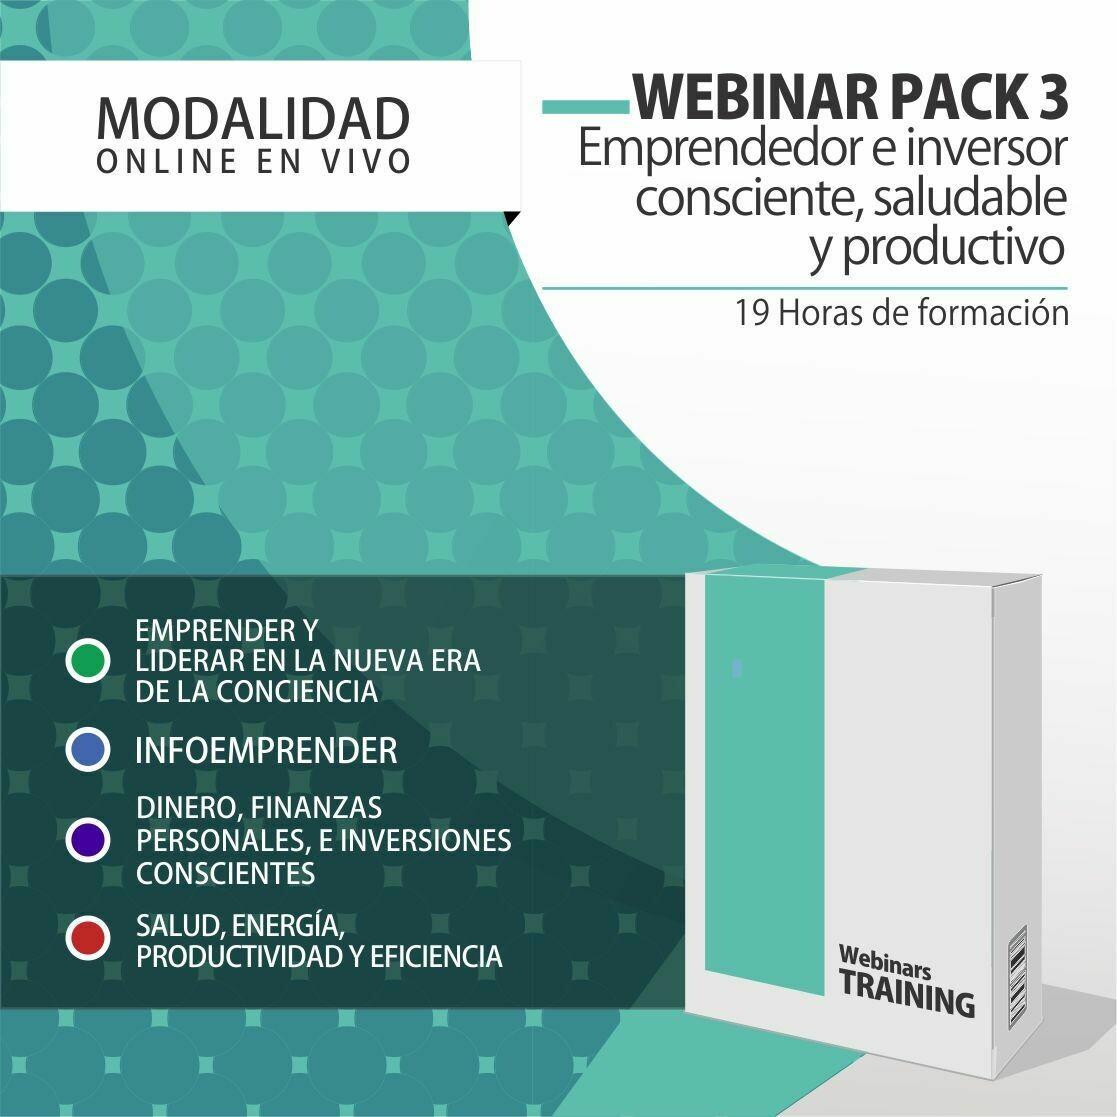 Pack Cursos Online 3:  PACK EMPRENDEDOR E INVERSOR CONSCIENTE, SALUDABLE Y PRODUCTIVO